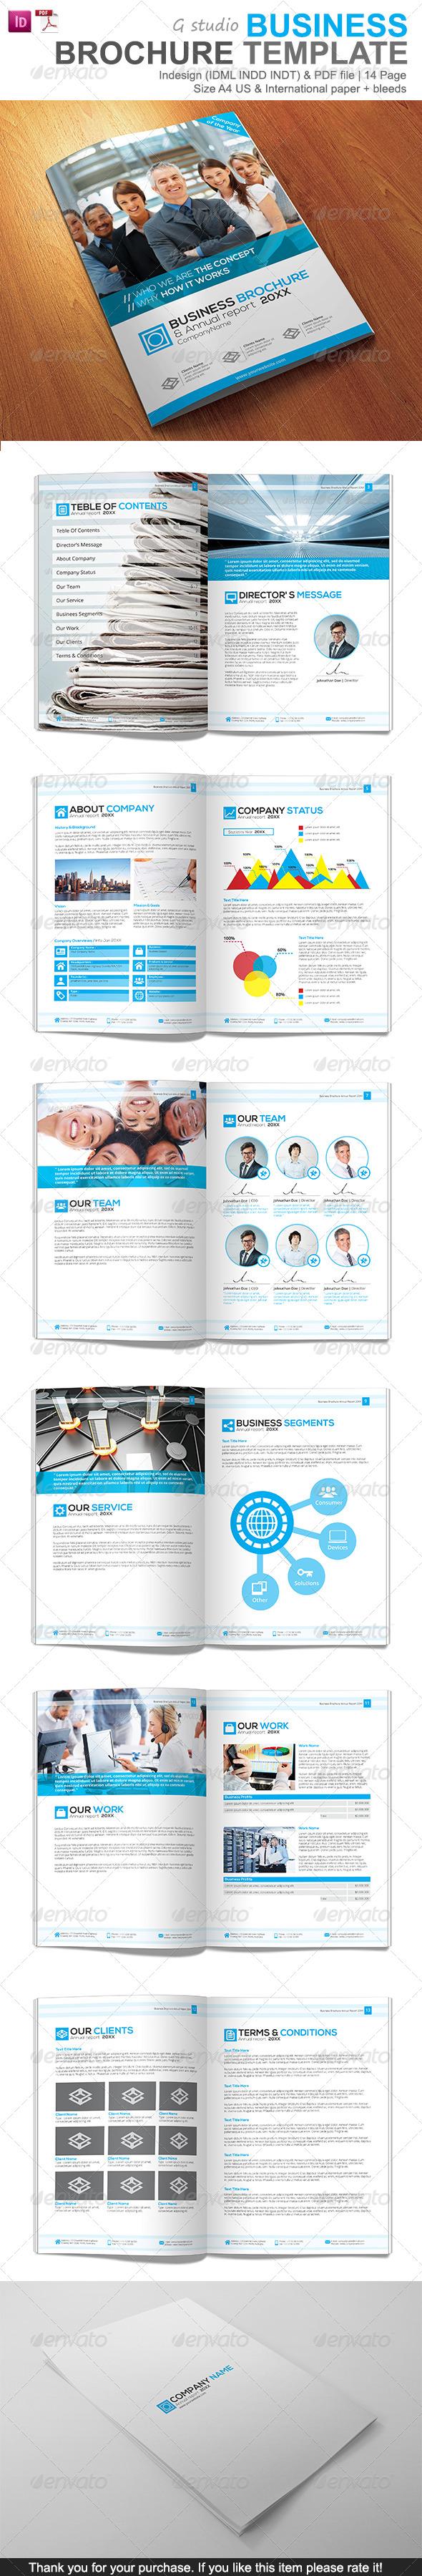 GraphicRiver Gstudio Business Brochure Template 4996491